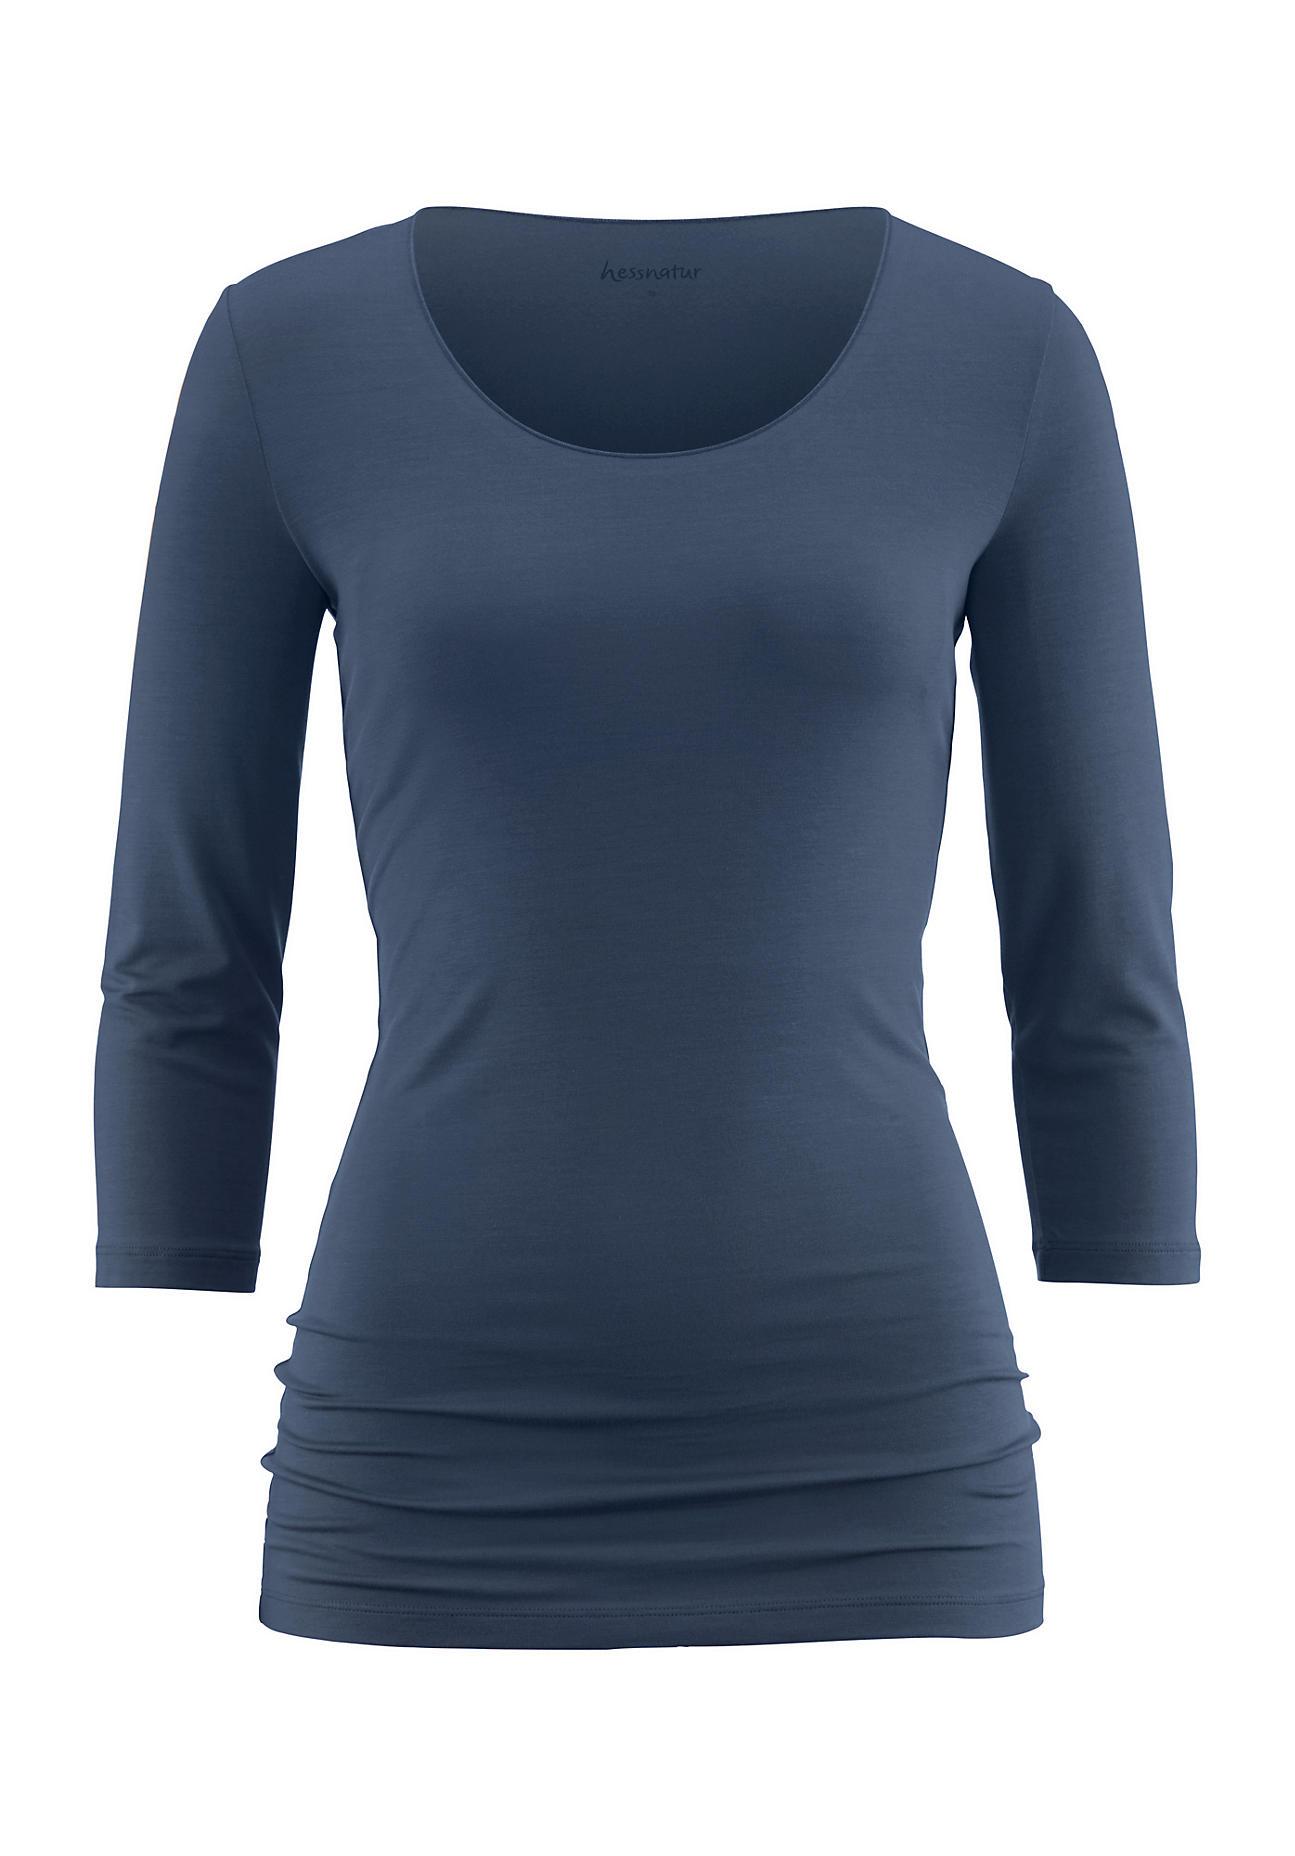 hessnatur Damen Shirt aus Modal – blau – Größe 38